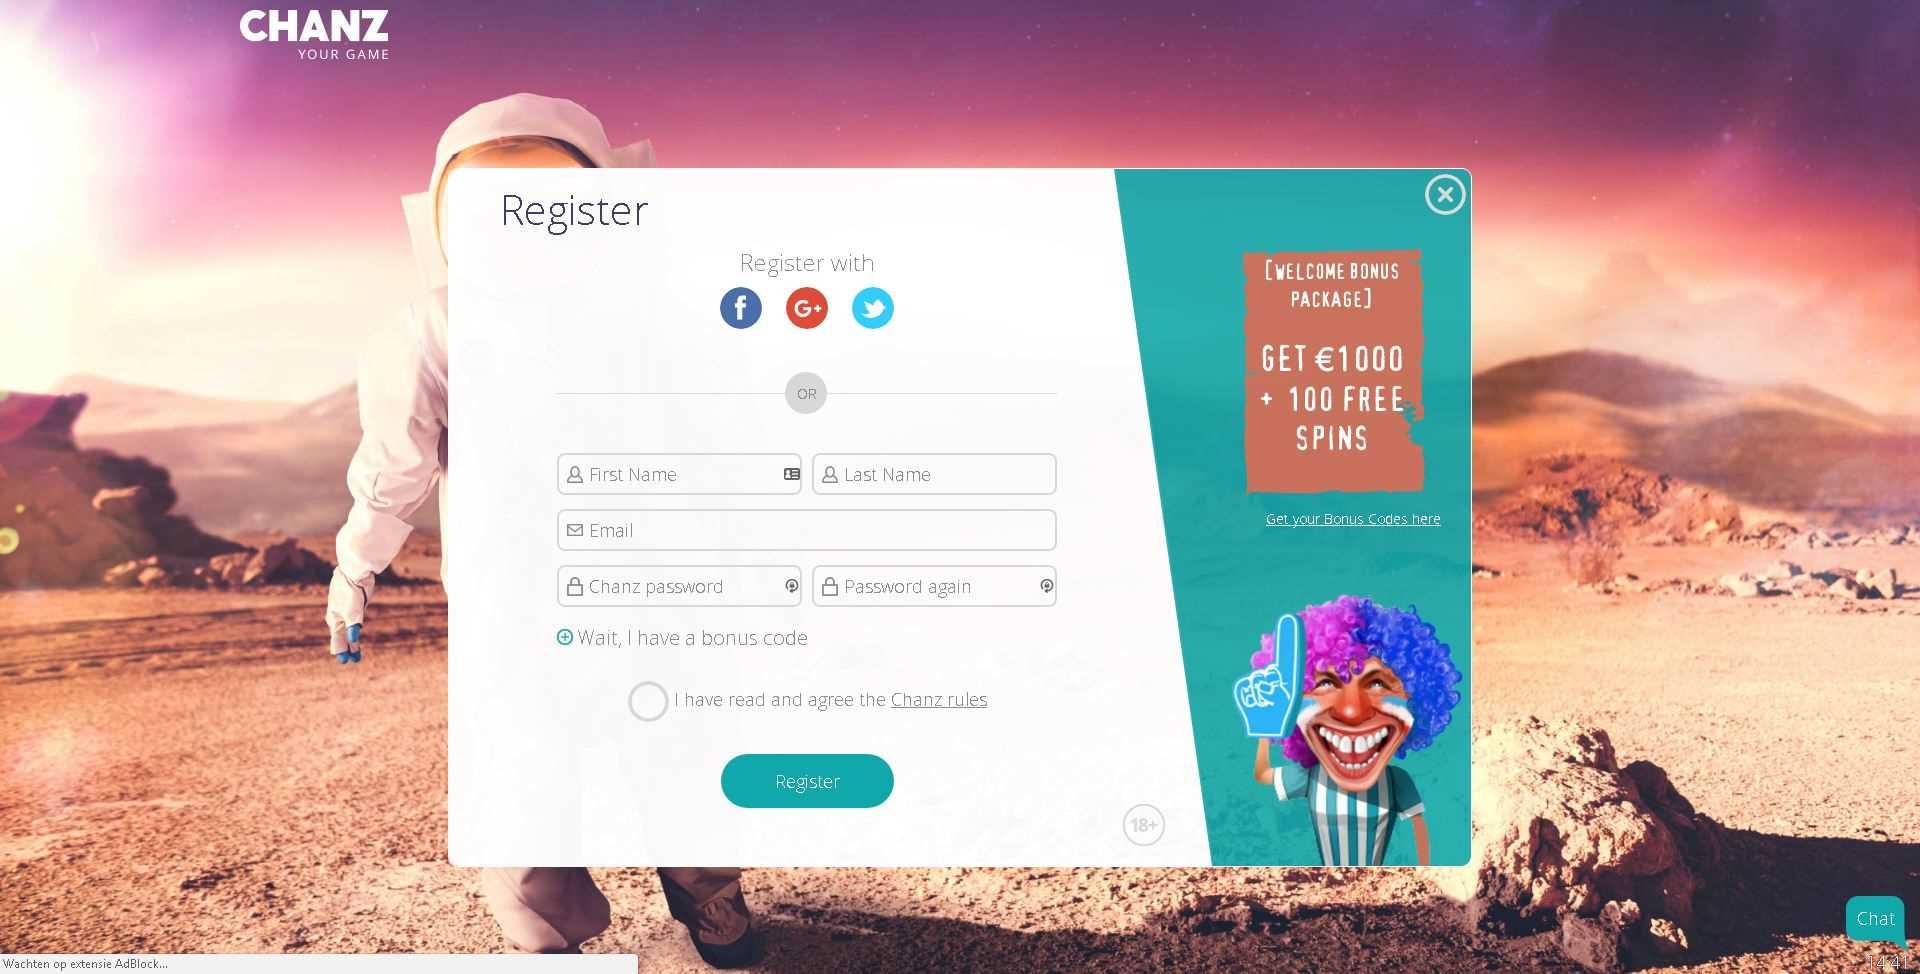 Chanz Registration